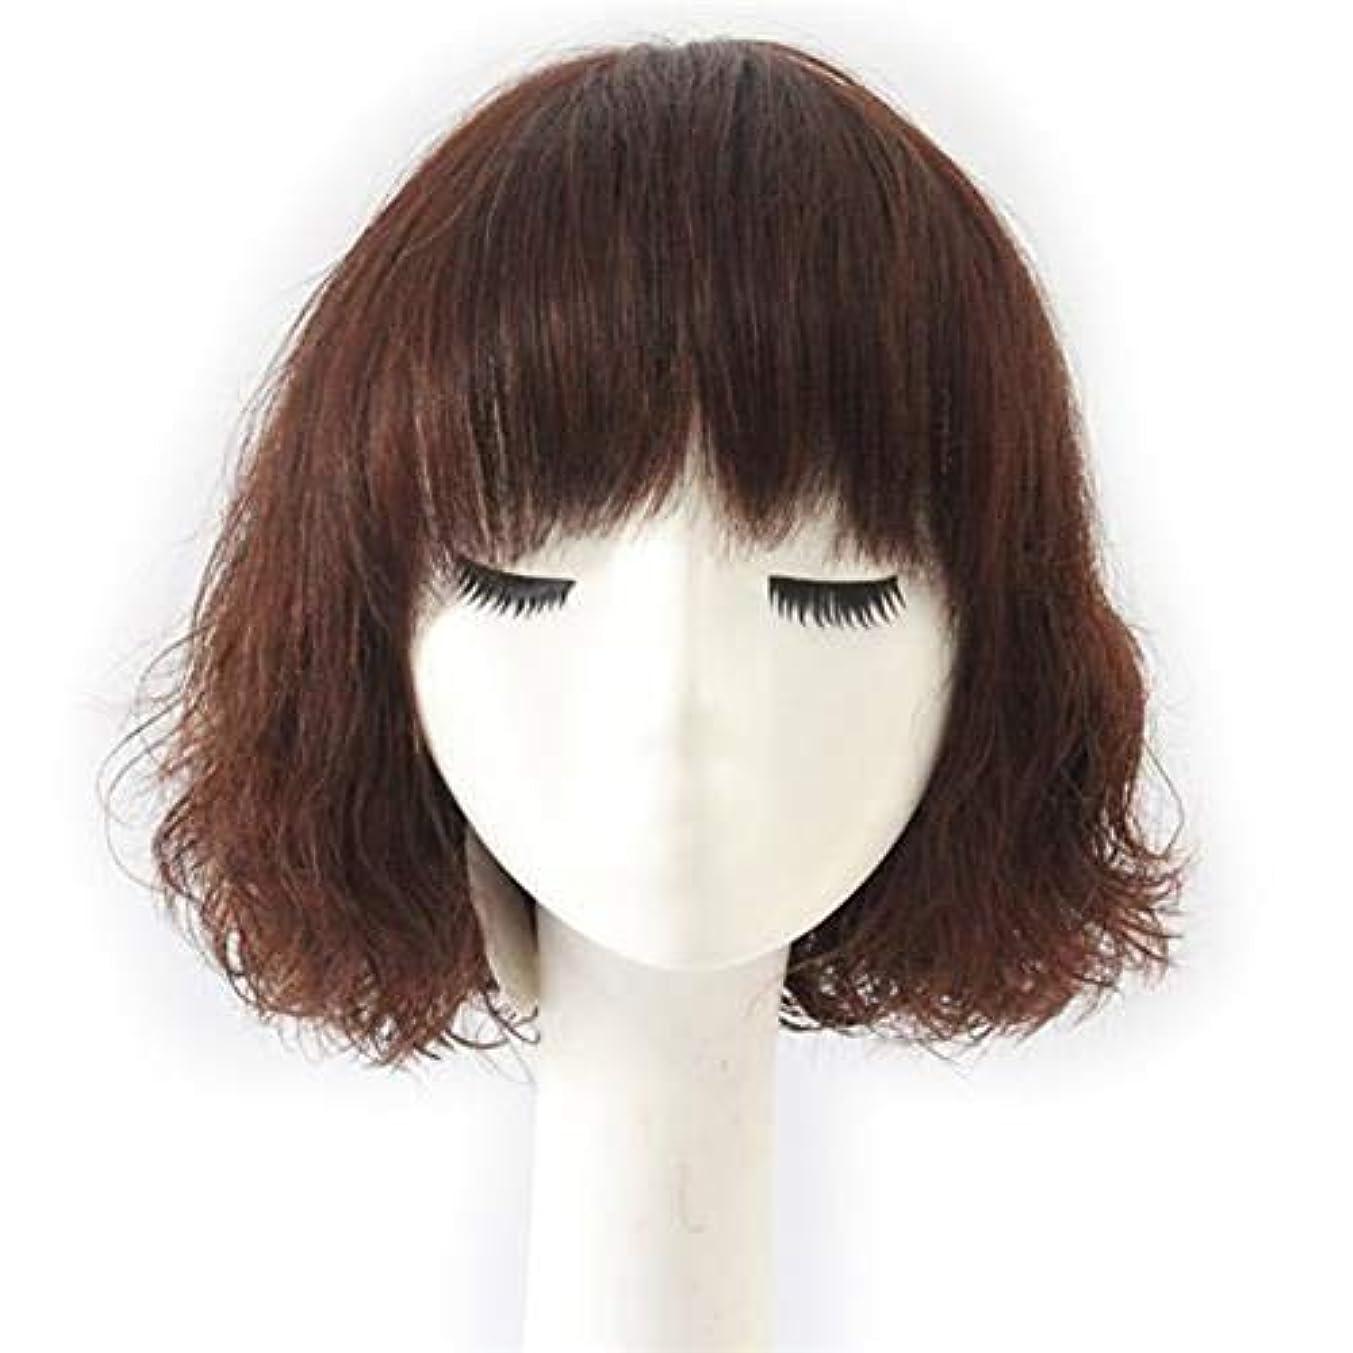 テント医療過誤繊維かつら 女性のファッションかつらのためのダークブラウンのリアルヘアウィッグショートカーリーペアヘッド (色 : Natural color)